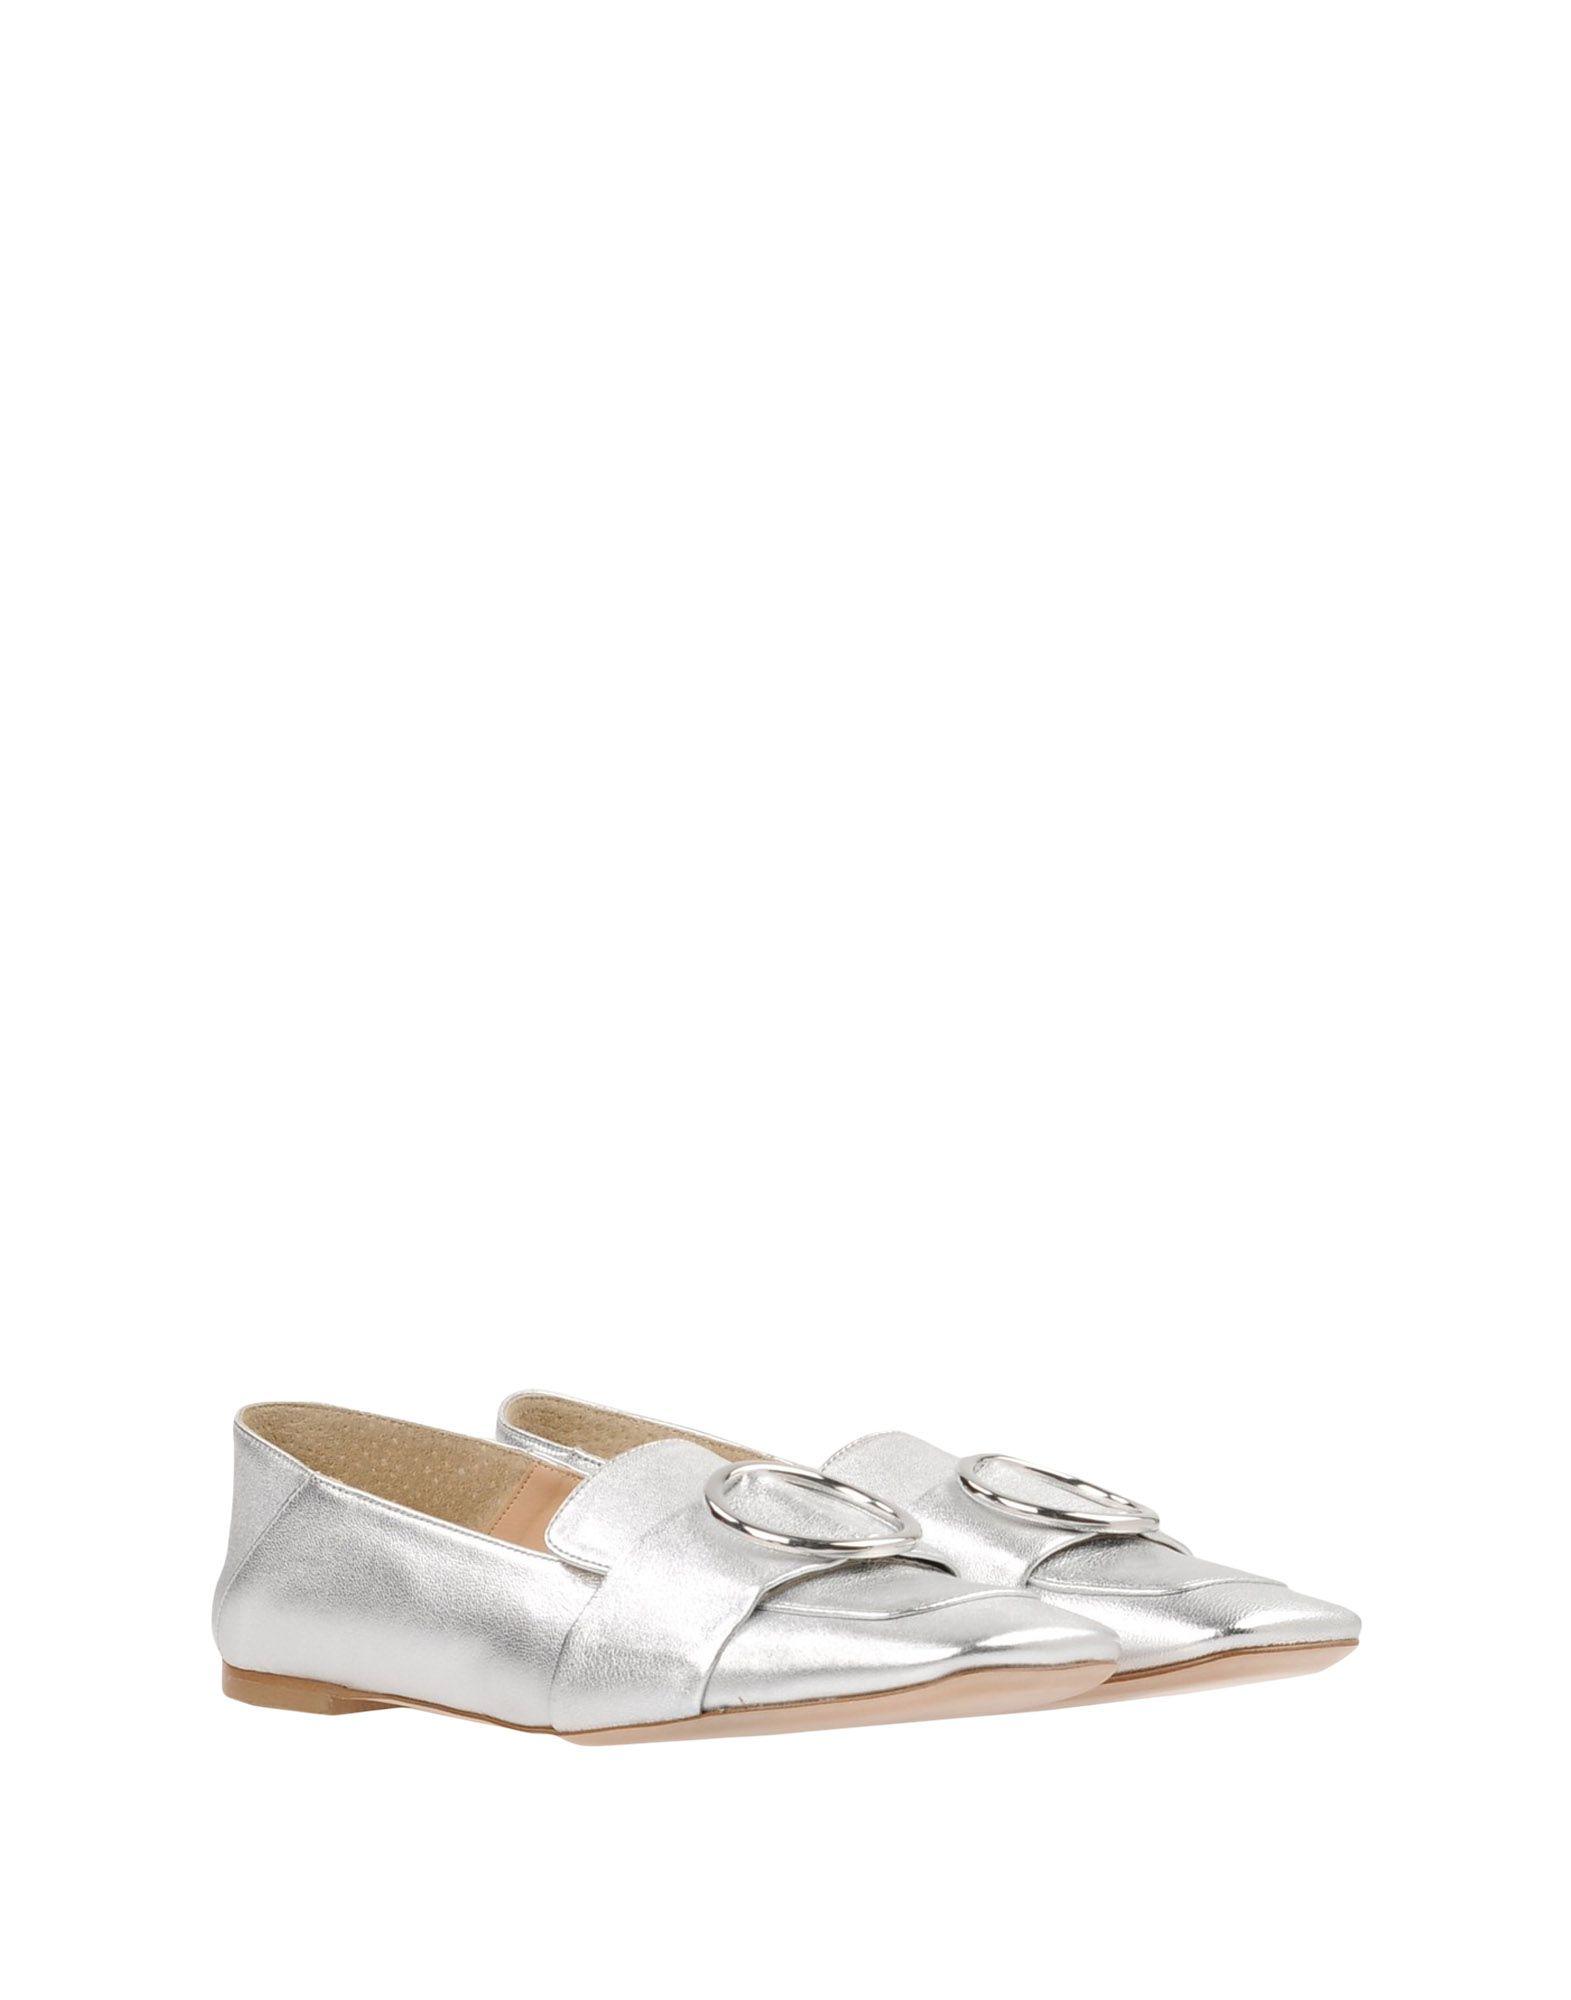 Bianca Bianca Bianca Di Mokassins Damen  11440847BF Gute Qualität beliebte Schuhe 58958f